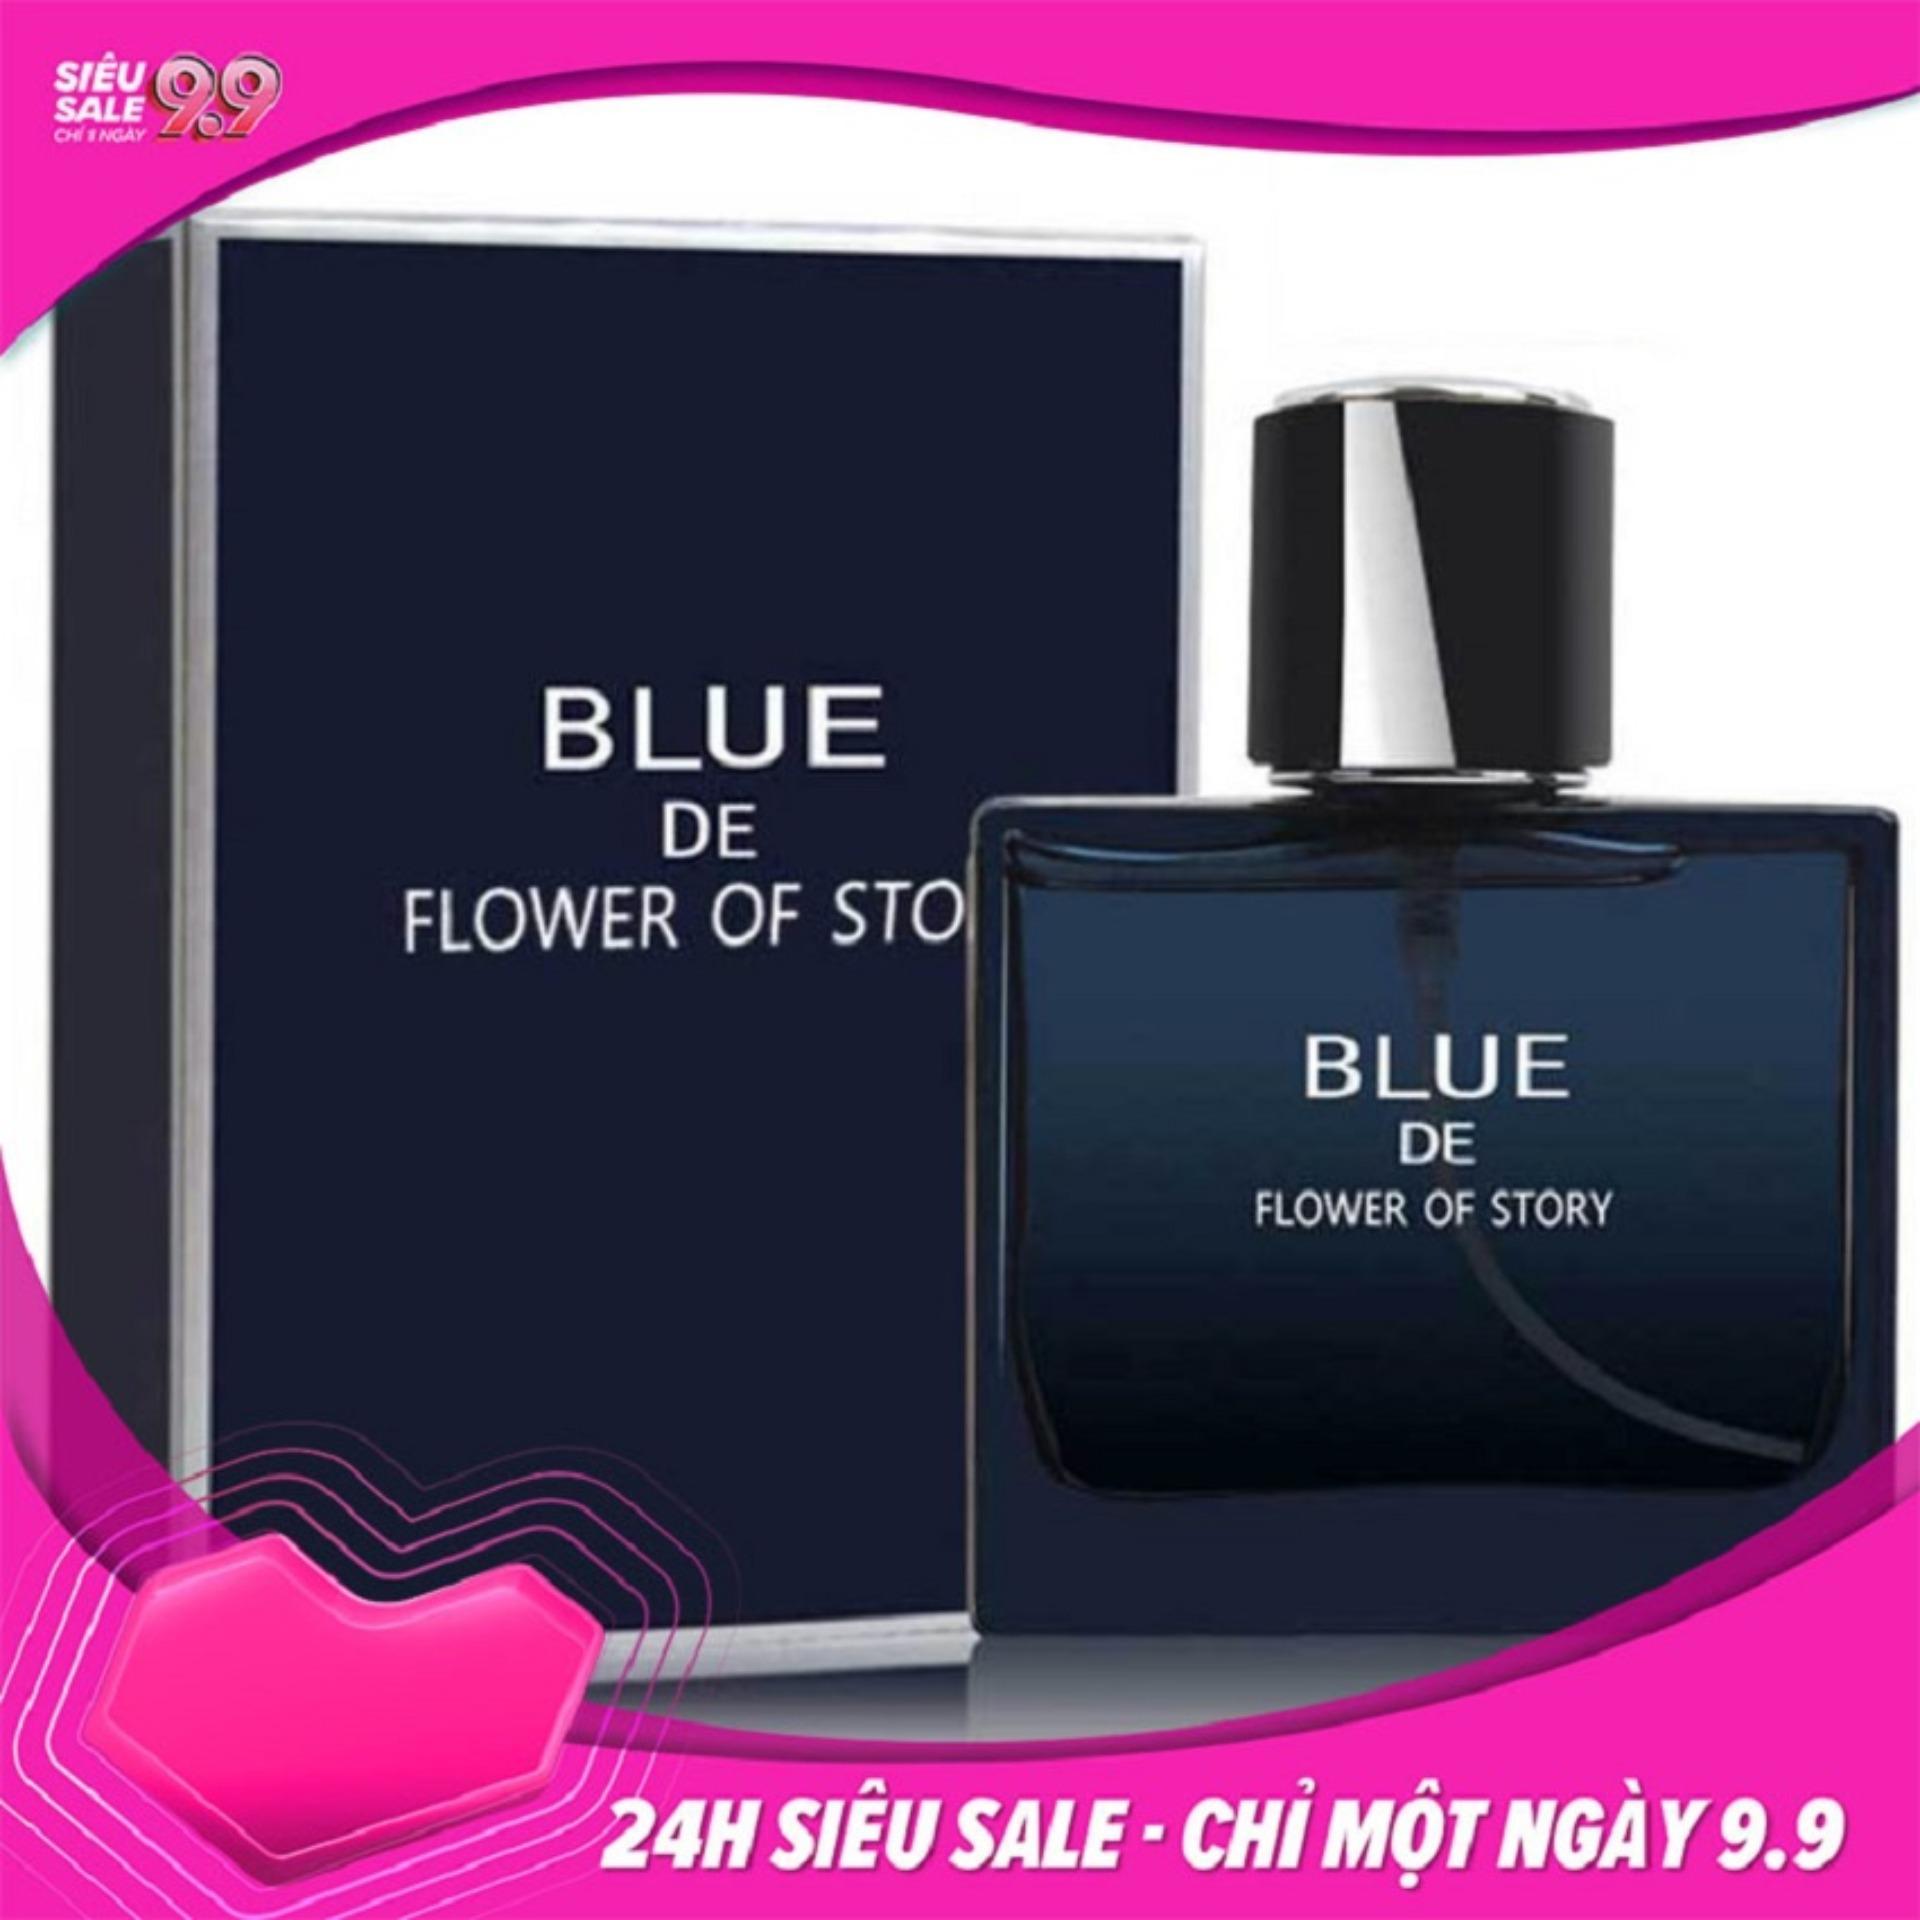 Nước Hoa Nam Blue De Flower Of Story nước hoa for men, hương thơm quyến rũ đàn ông đích thực[FUNNY TIMES] cao cấp